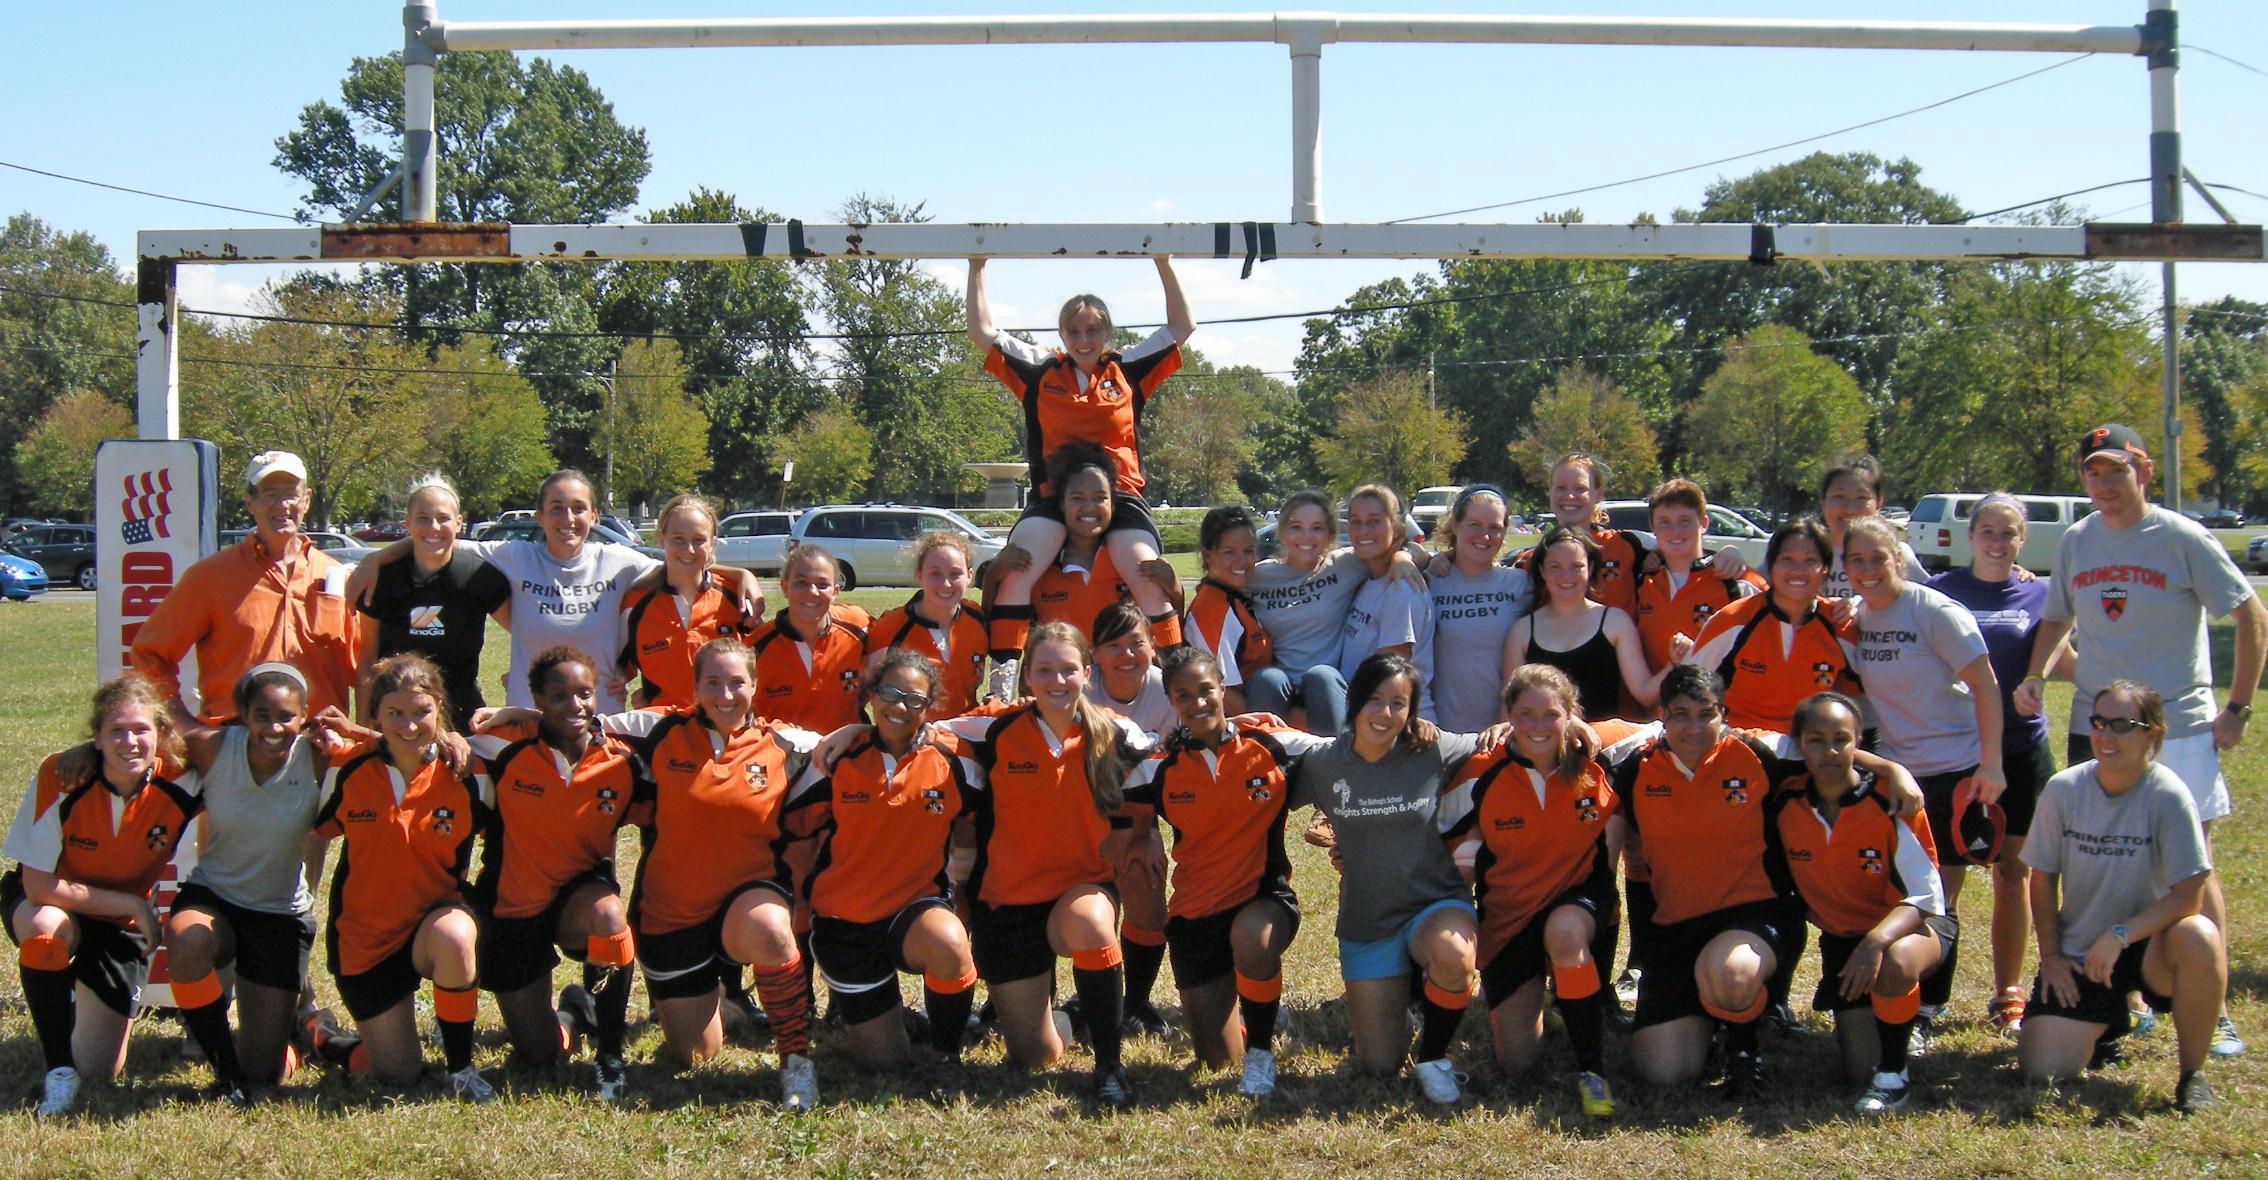 2010-09-18 Princeton over UPenn